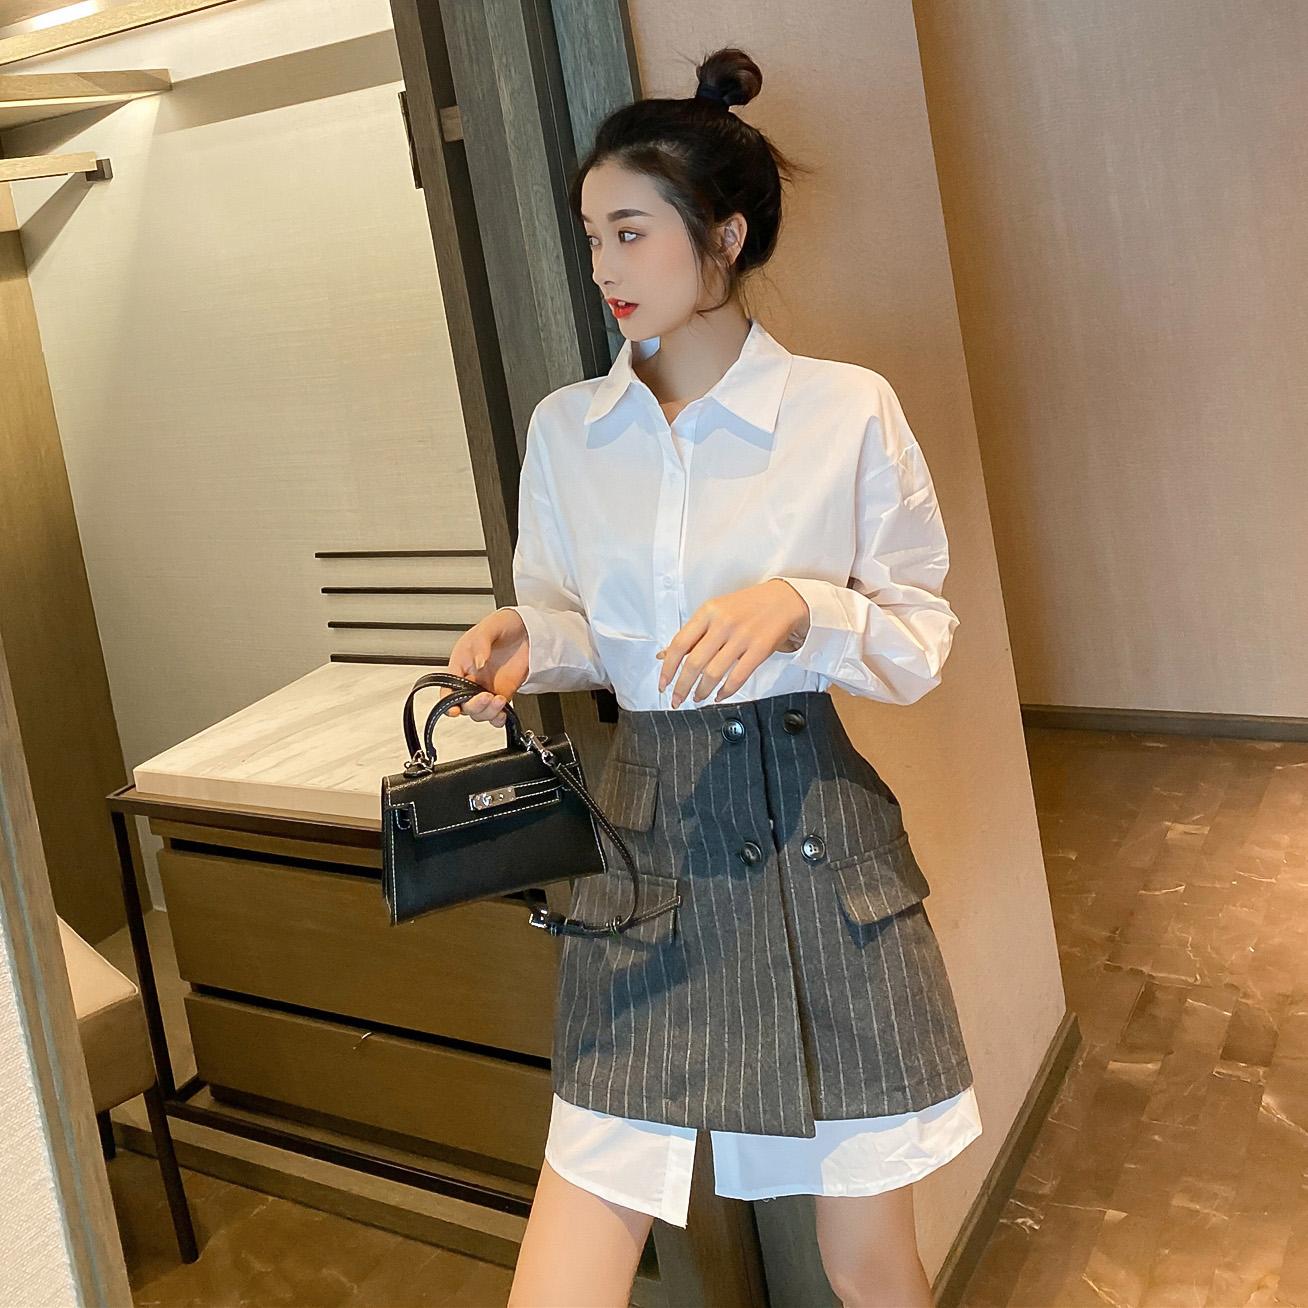 连衣裙女2020春季新款韩版设计感中长款白色衬衫配条纹短裙两件套